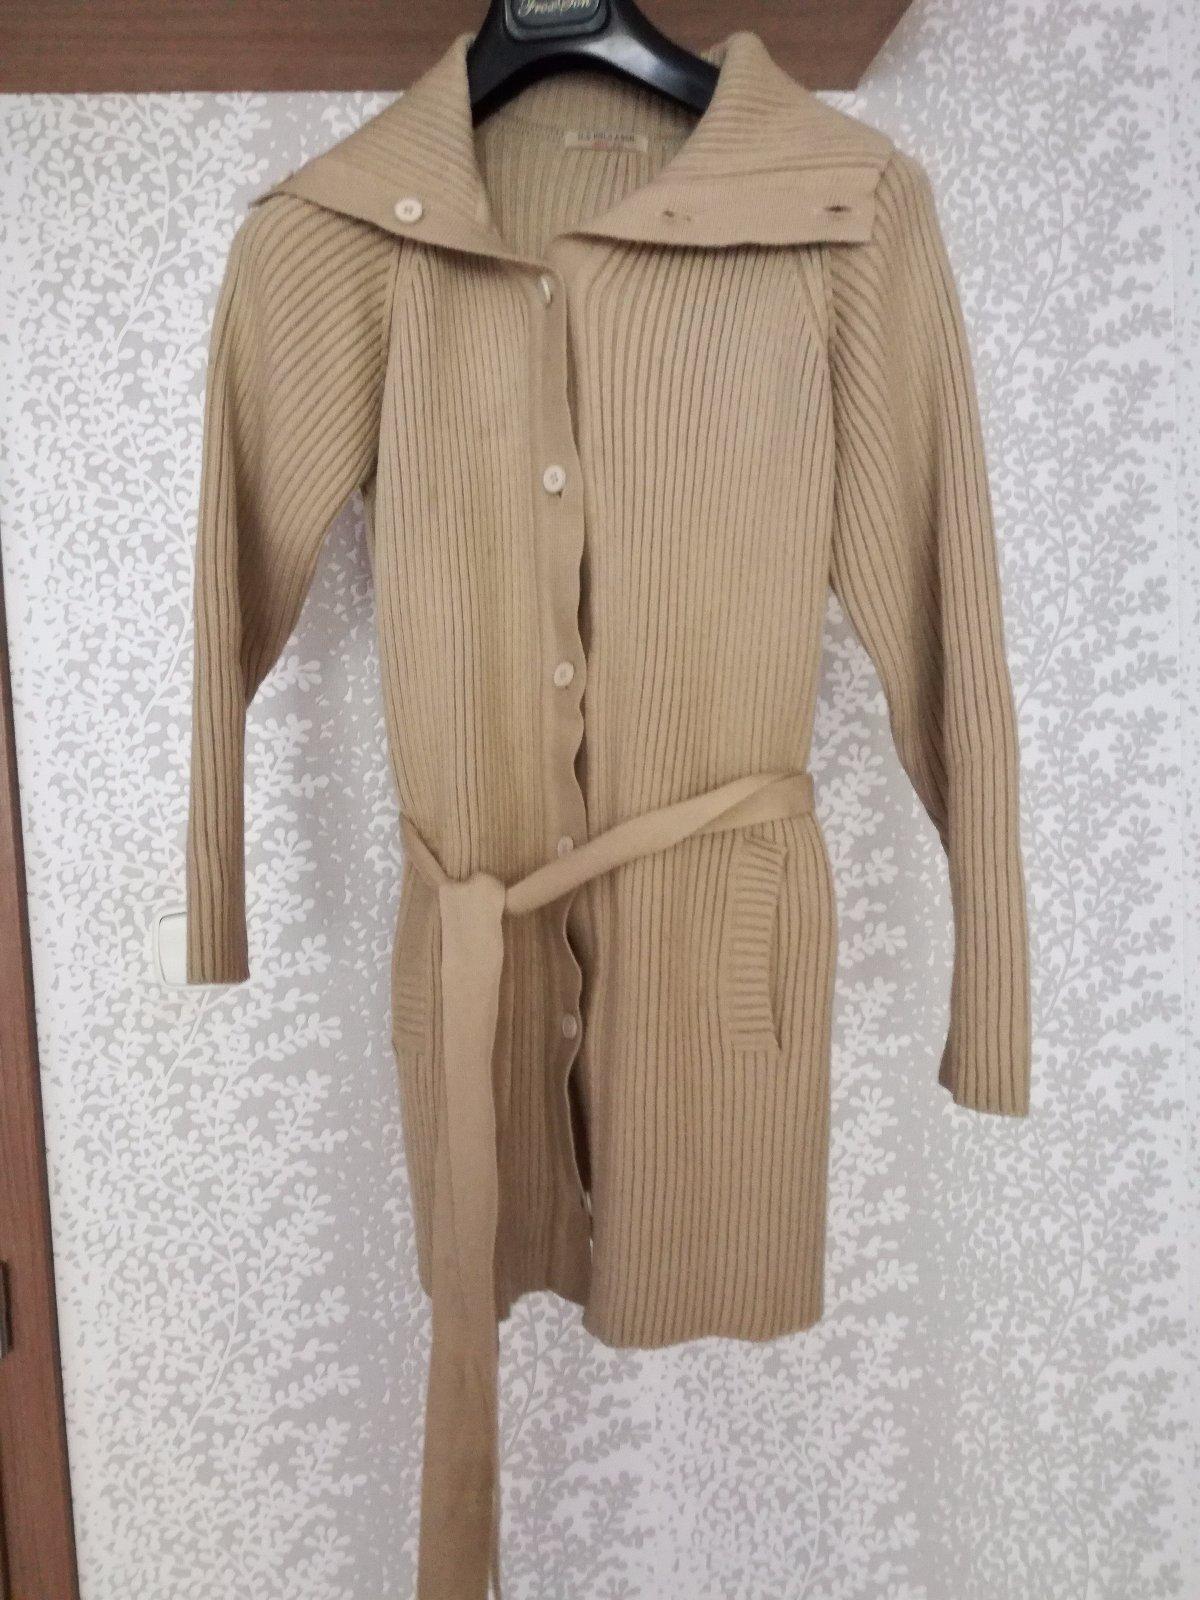 4c6d27d9bc30 Dámsky teplý dlhý sveter s-l